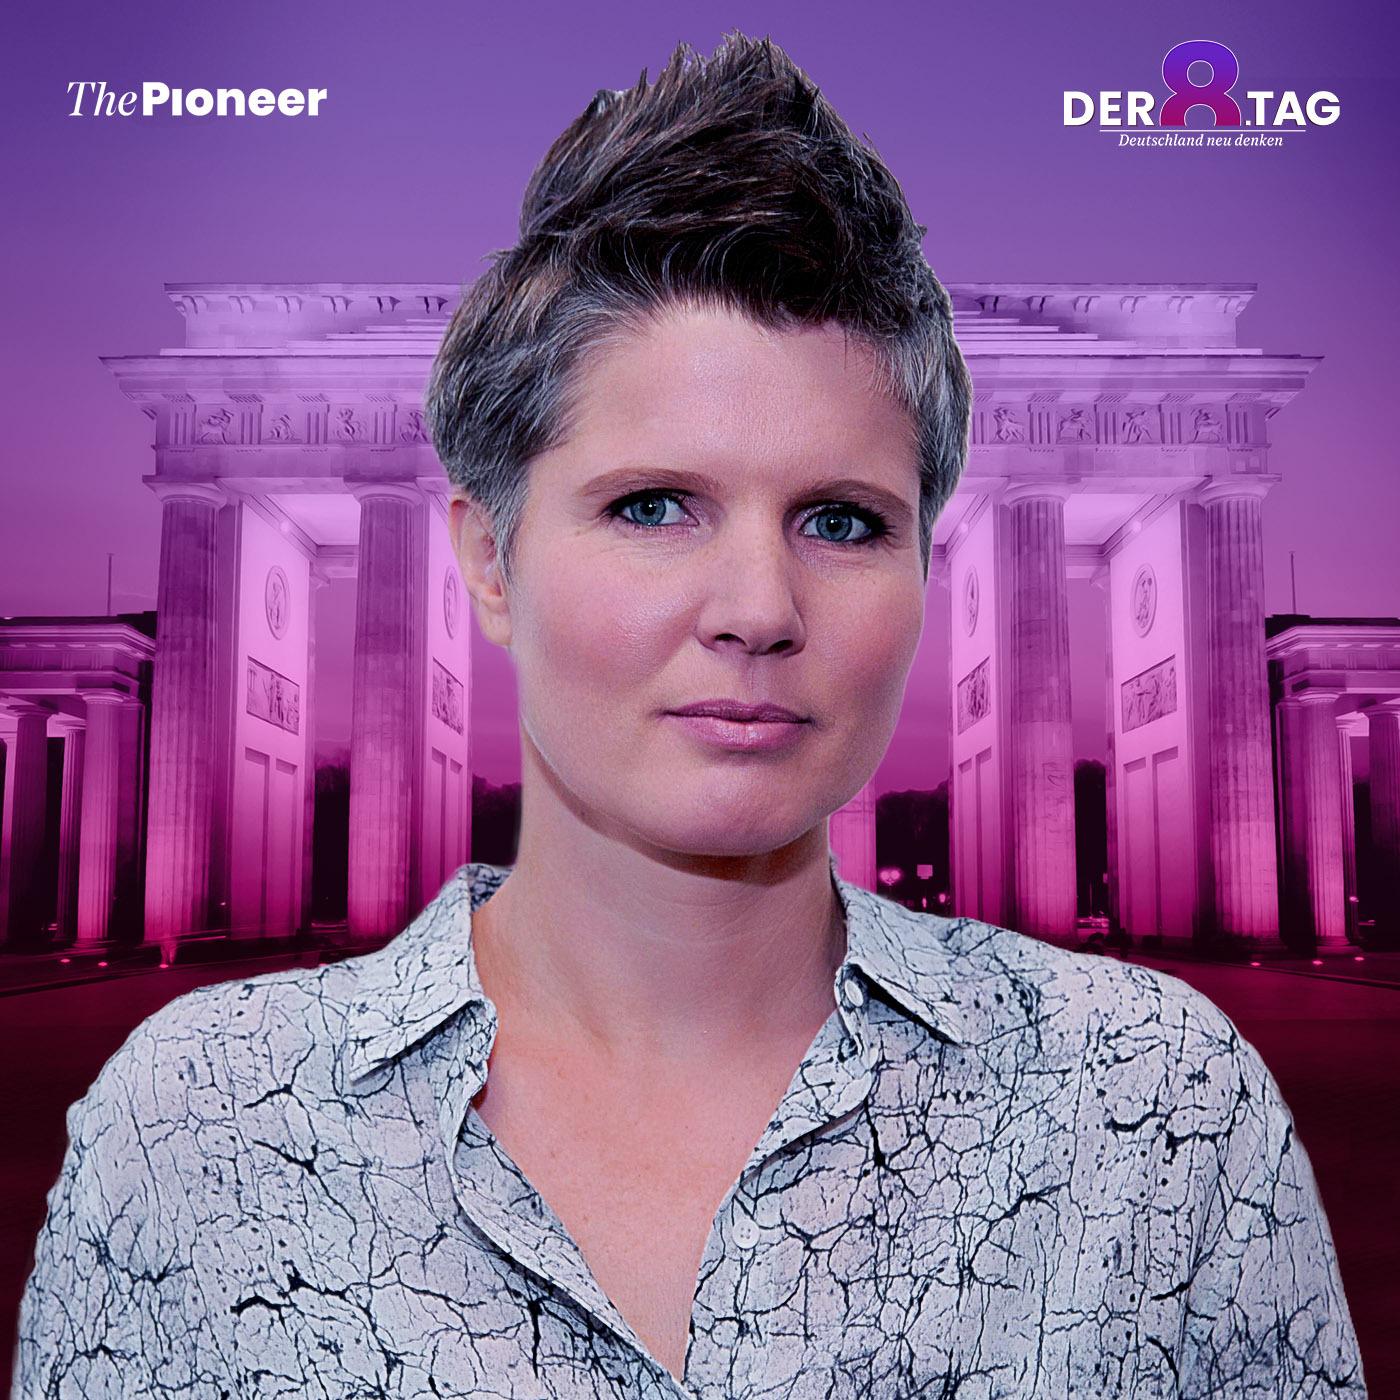 Der achte Tag #37 - Dr. Svenja Flaßpöhler: Krise entpuppt sich als letzter Weckruf